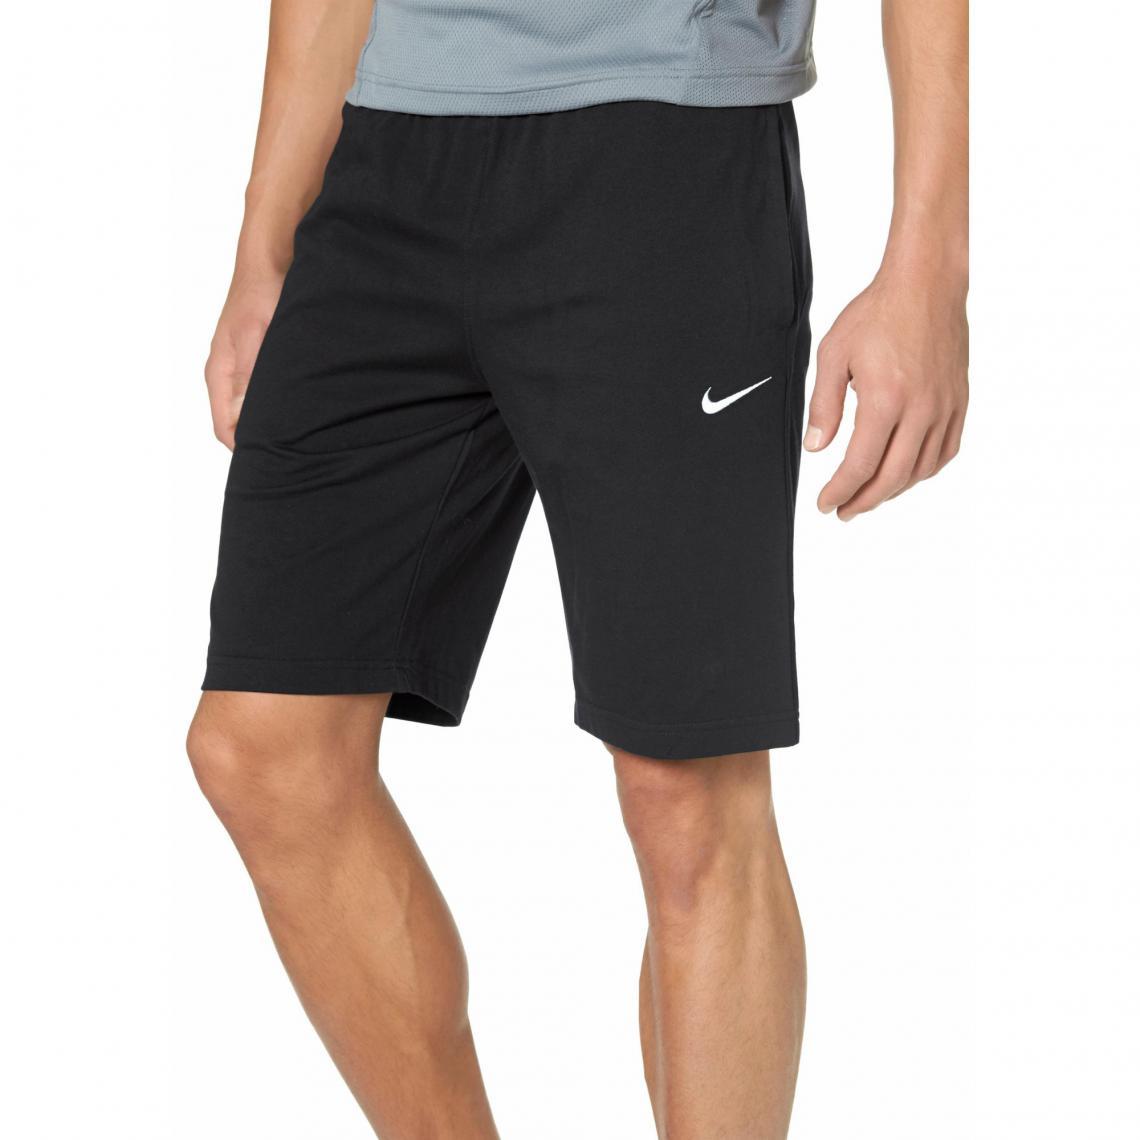 acheter en ligne 7afd0 805b9 Short de Sport pour Homme NIKE - Noir | 3 SUISSES